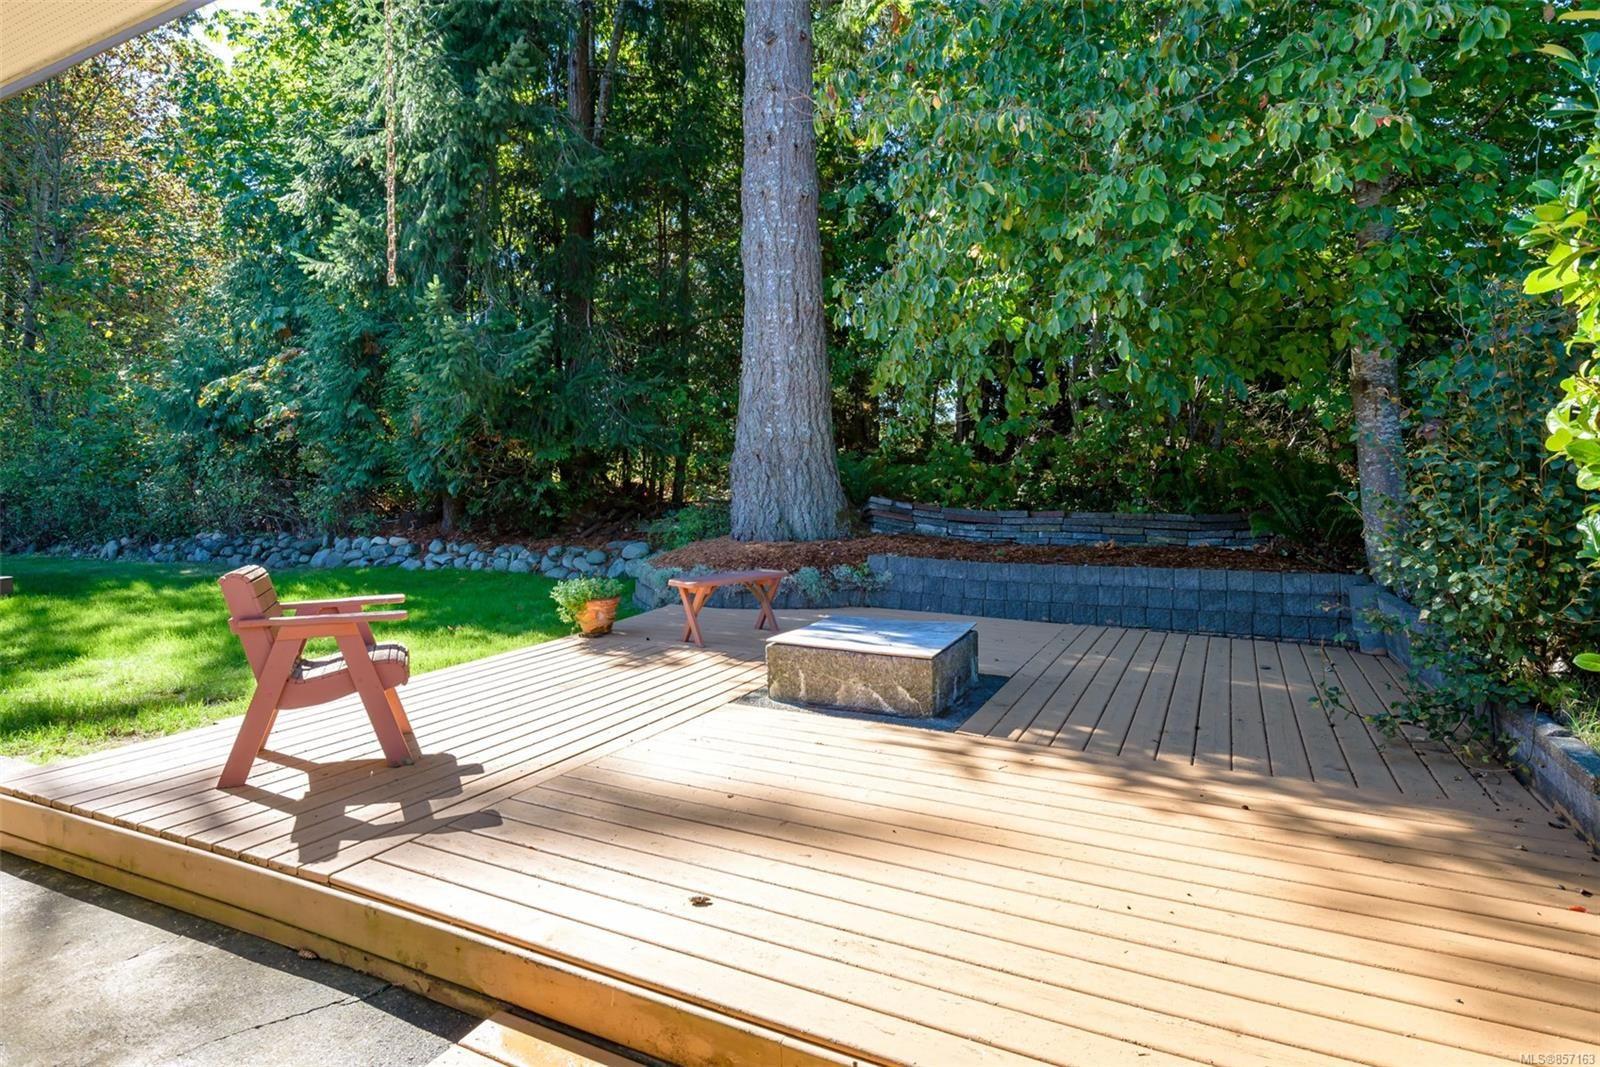 Photo 52: Photos: 4241 Buddington Rd in : CV Courtenay South House for sale (Comox Valley)  : MLS®# 857163